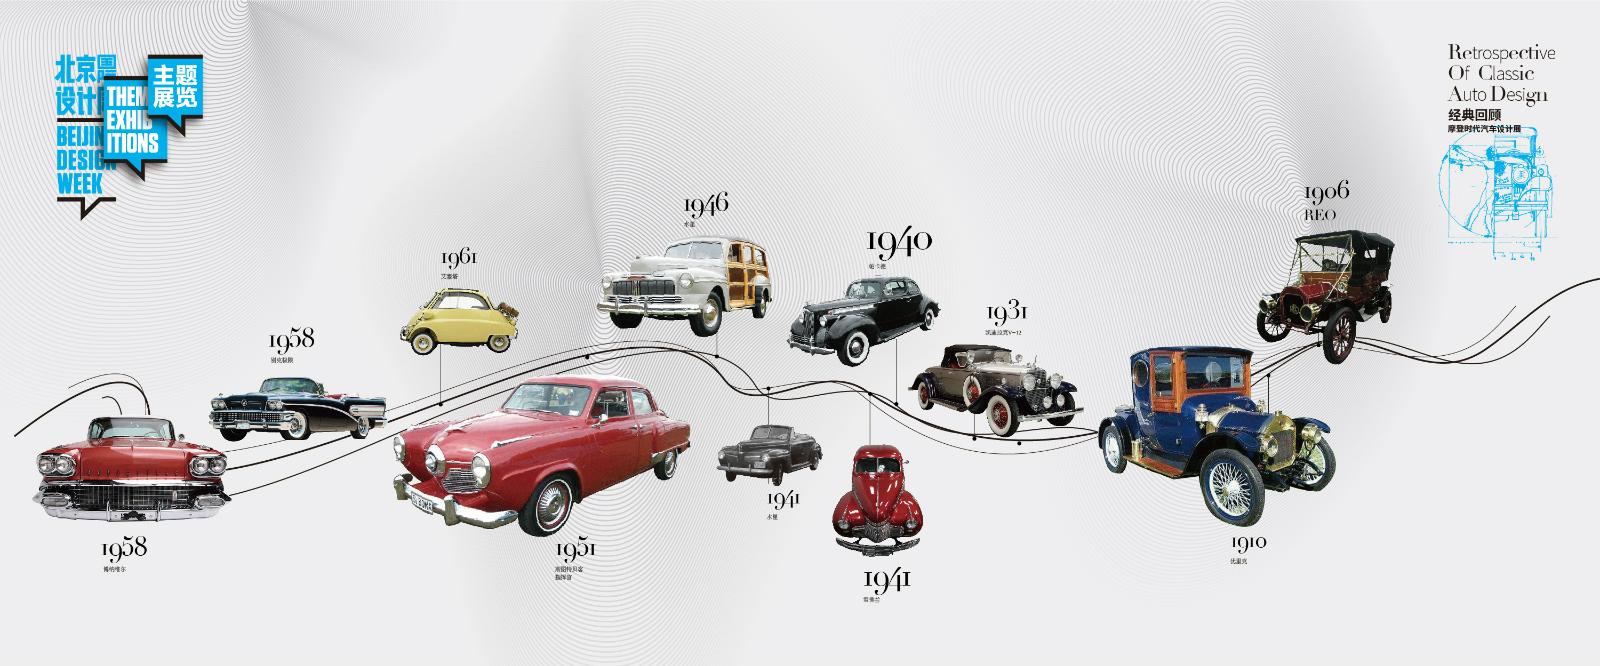 摩登时代汽车设计展预约通道